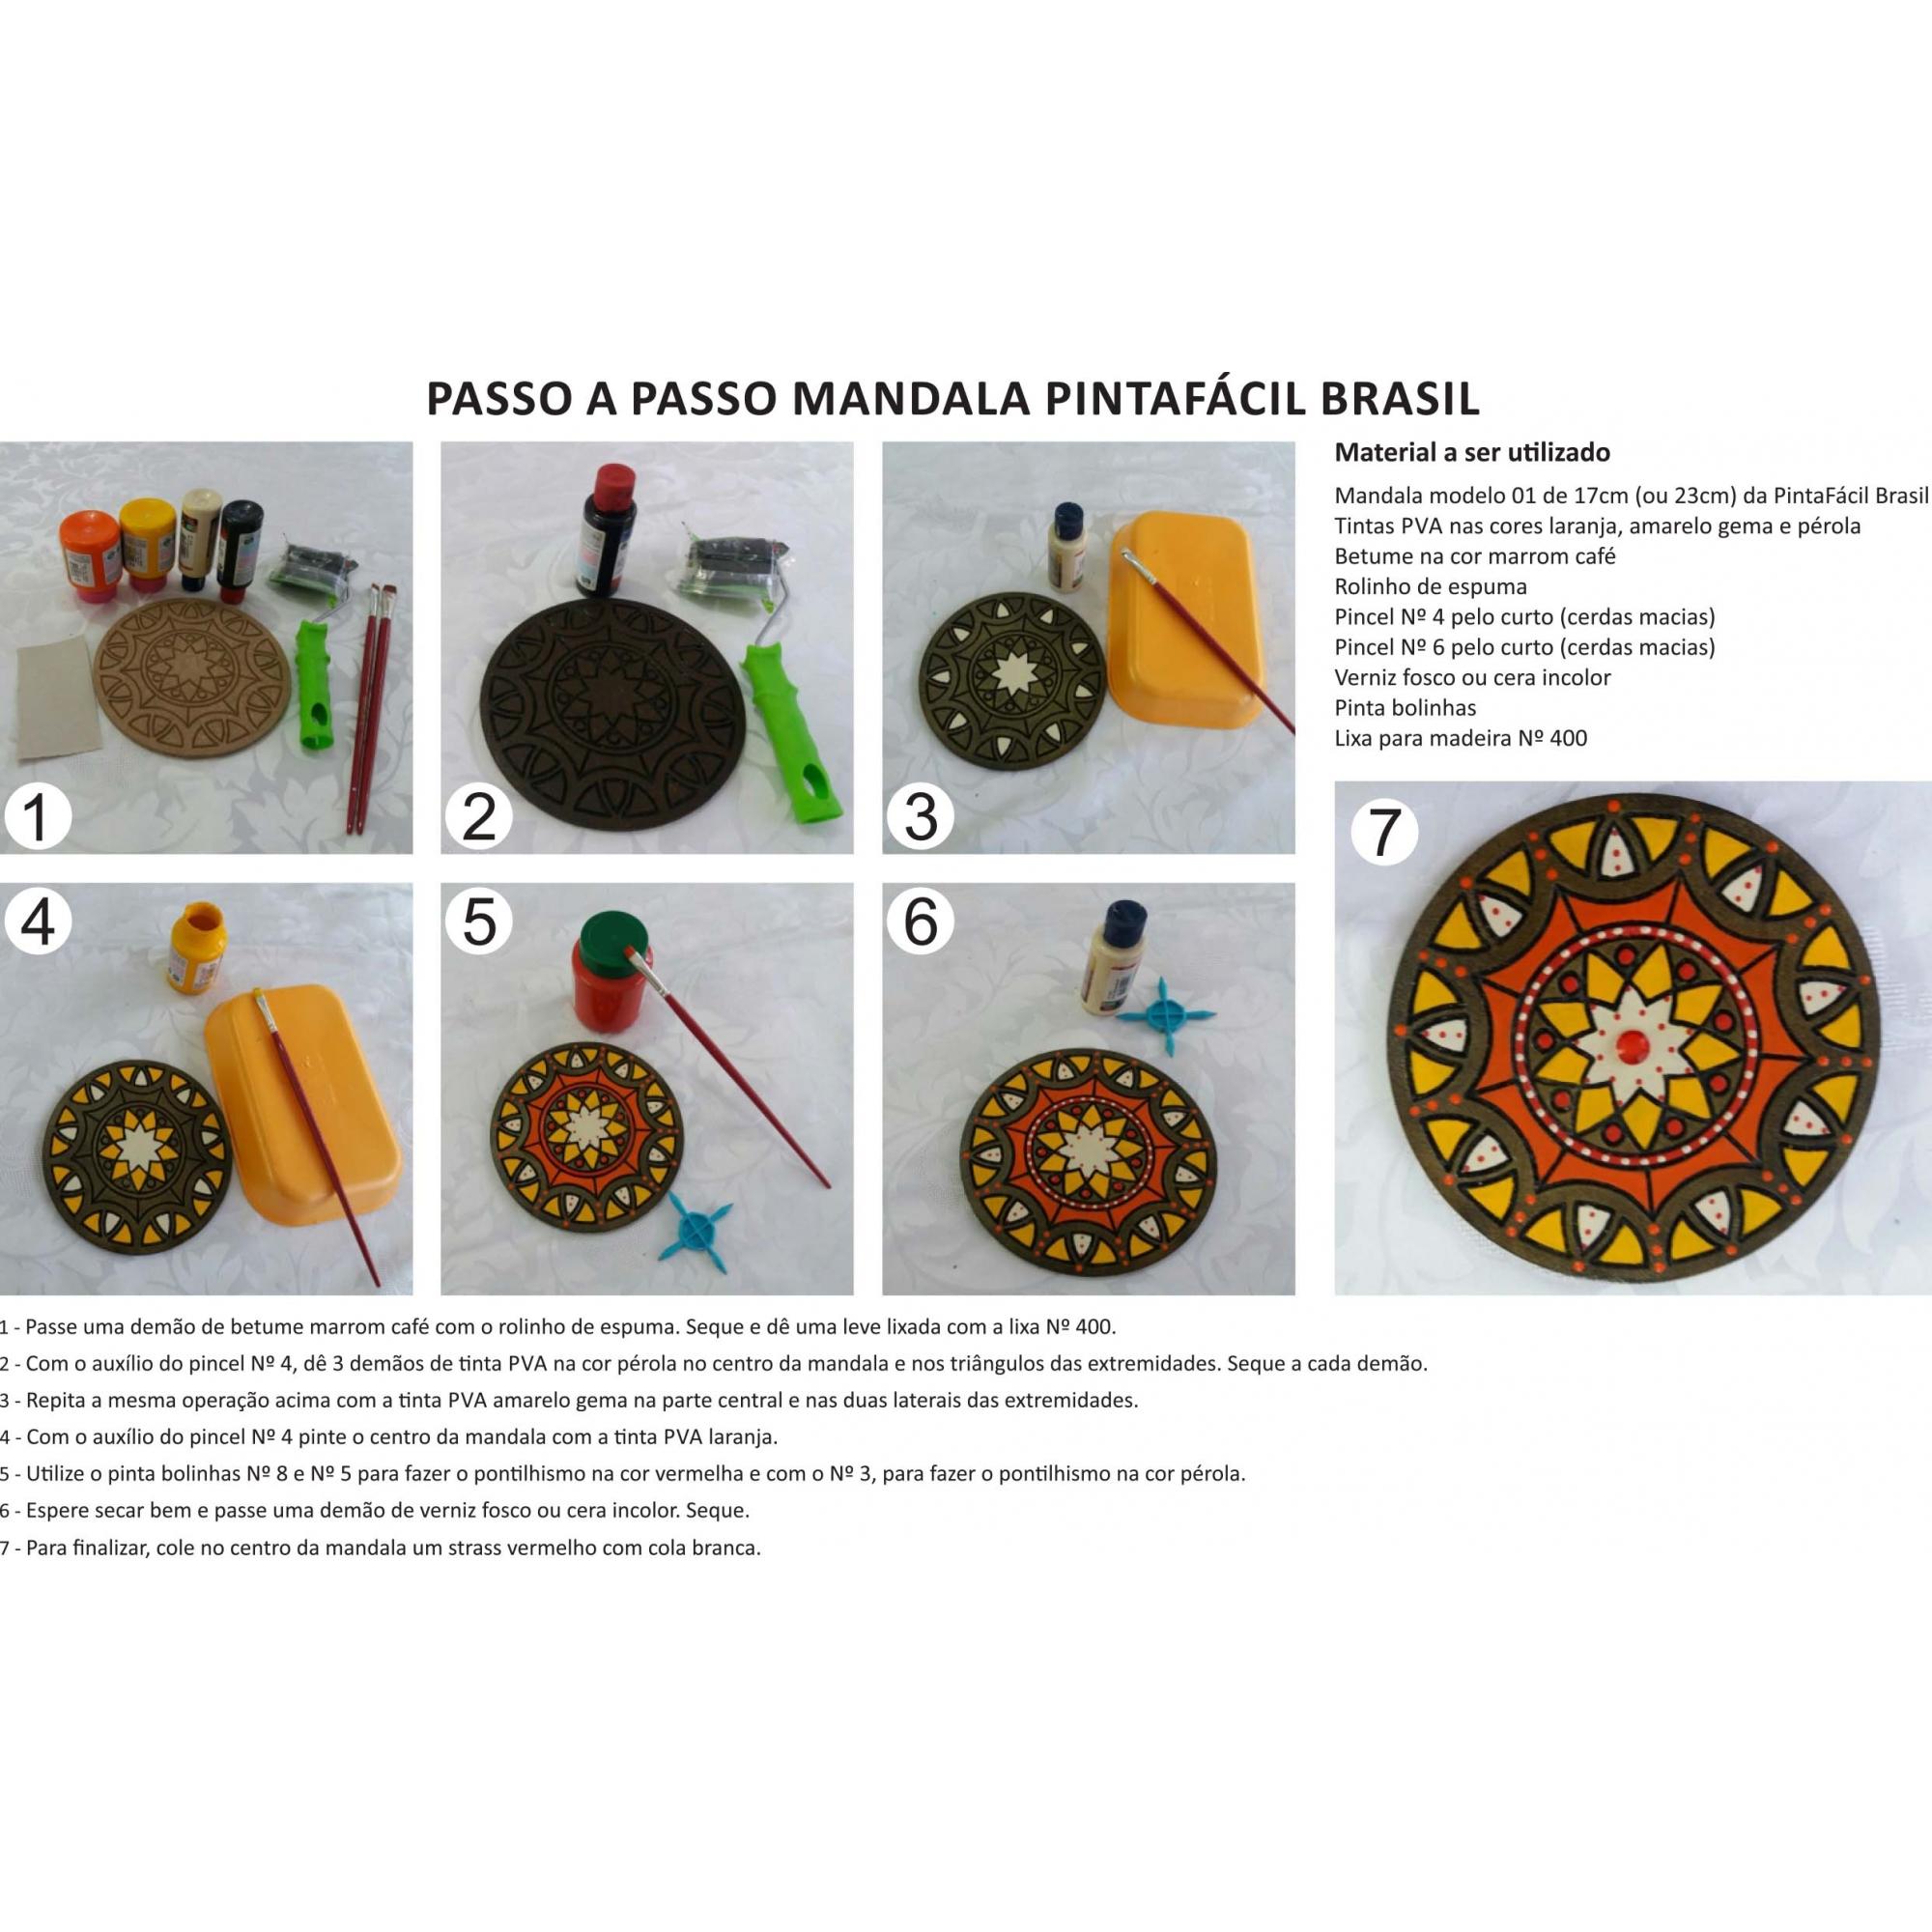 Kit 3 peças Mandala Mdf Cru 23cm de Diâmetro para Pintar